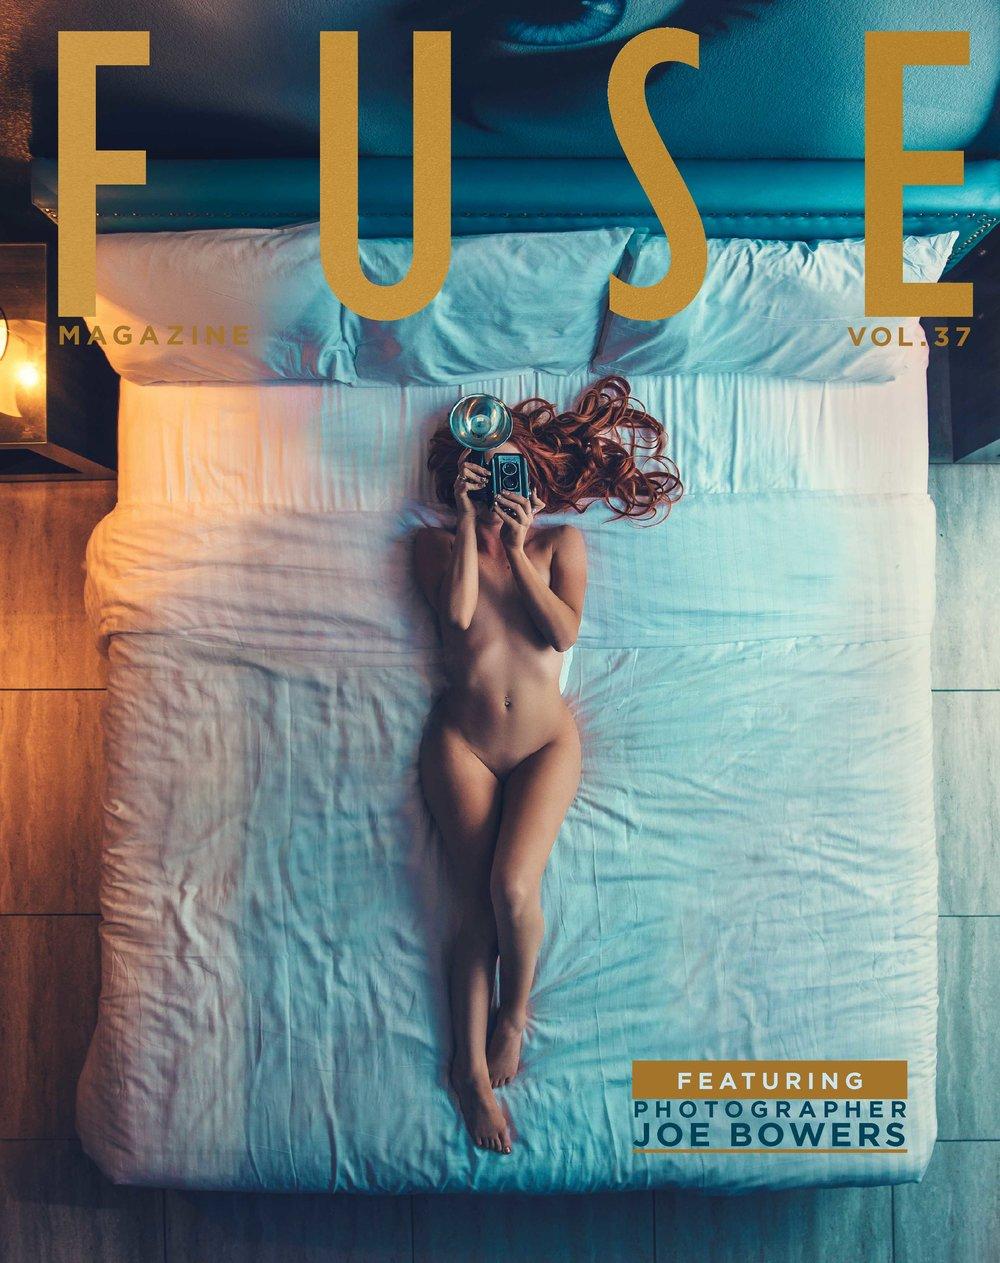 FUSE VOL 37 - 2017 v1.indd_138_01.jpg